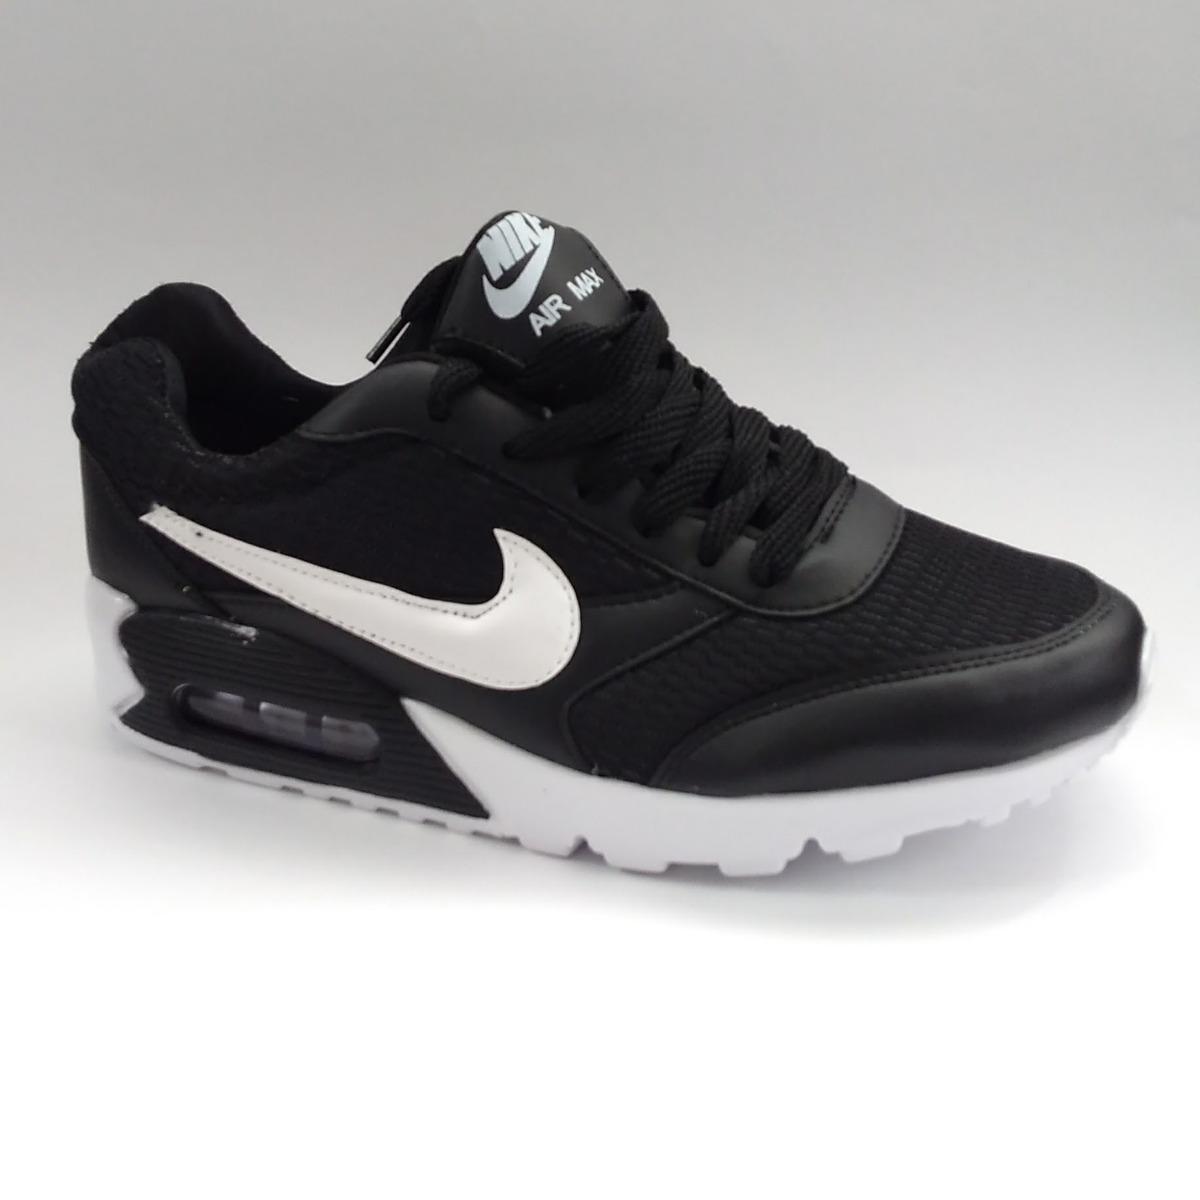 5edcb29128 Nike Zapatillas deportivas de hombre Classic Cortez Nylon en azul marino y  blanco Zapatos,nike air max venta,temperamento